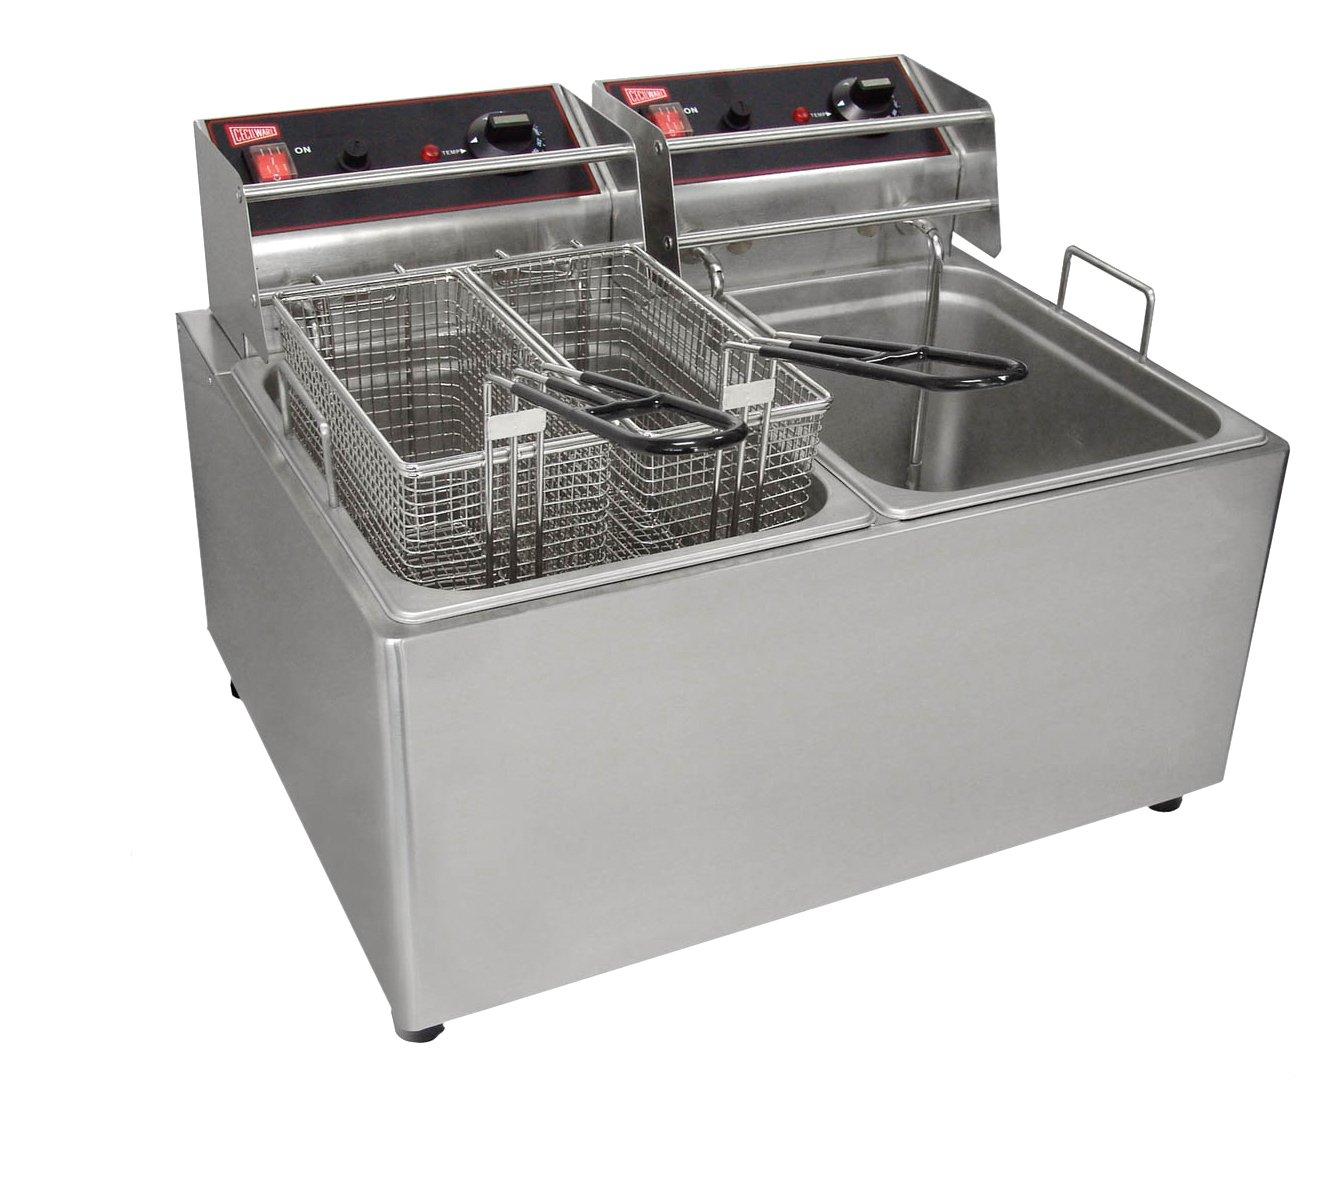 Amazon.com: Grindmaster-Cecilware EL2X25 Countertop Electric Fryer ...